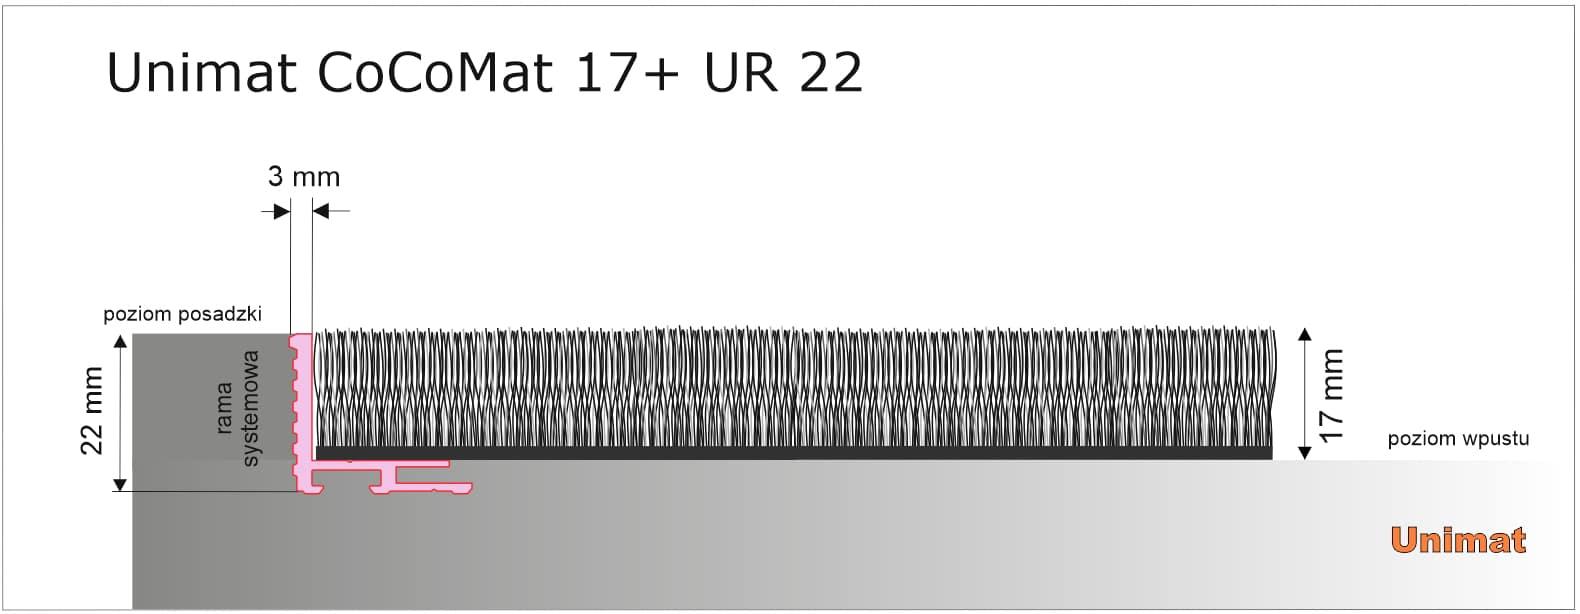 Uniumat CoCoMat 17+UR22.jpg